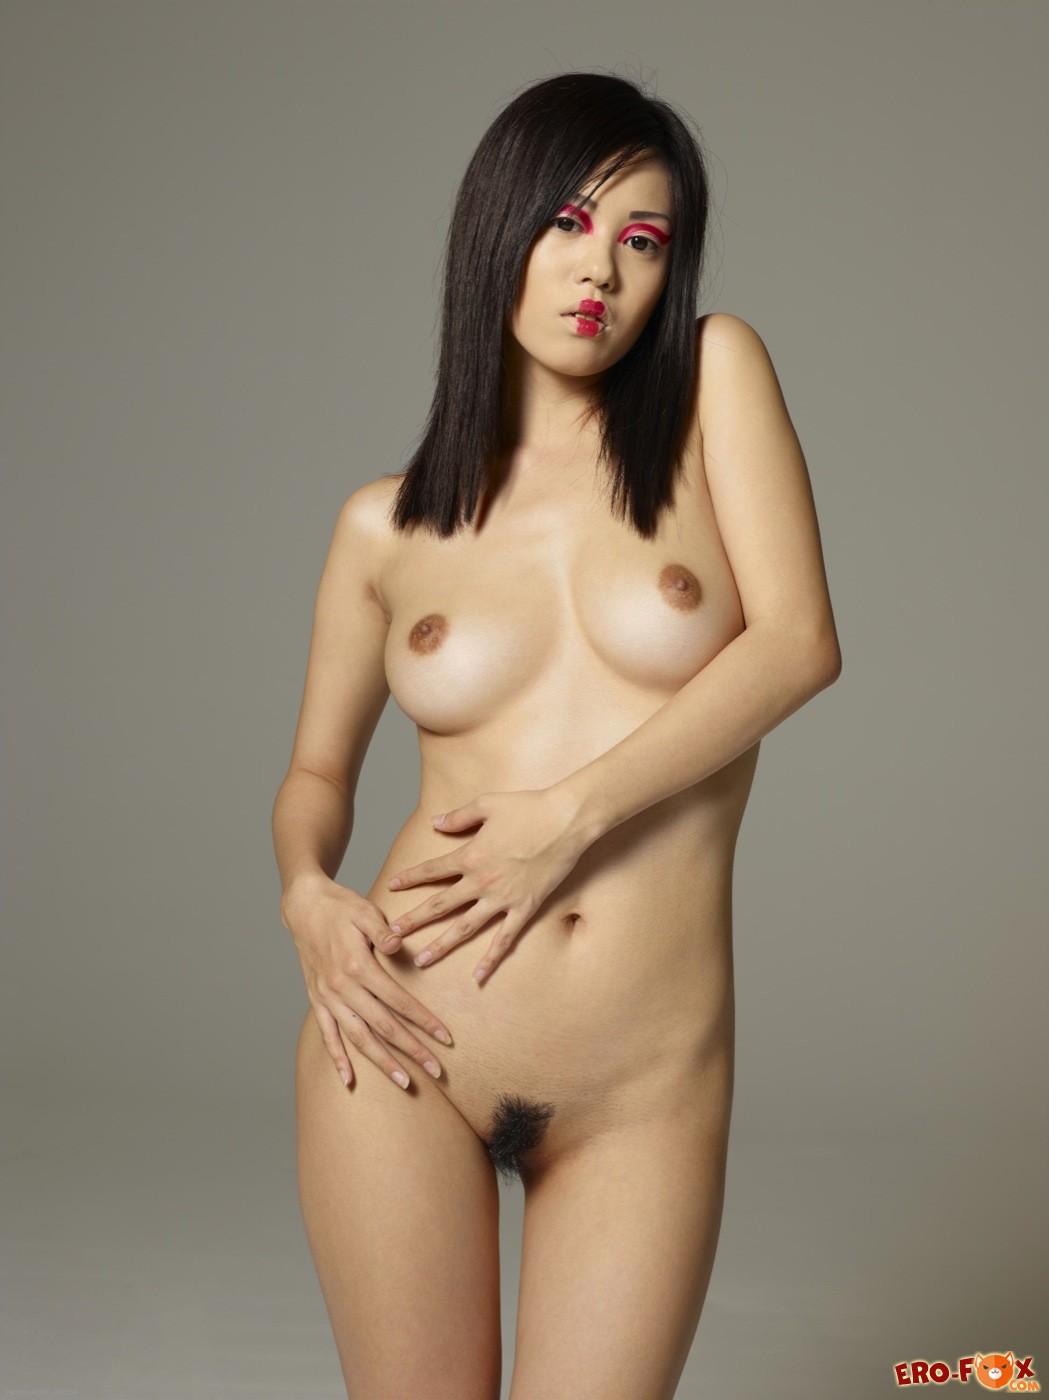 Голая гейша с красивым телом и волосатой писькой - фото